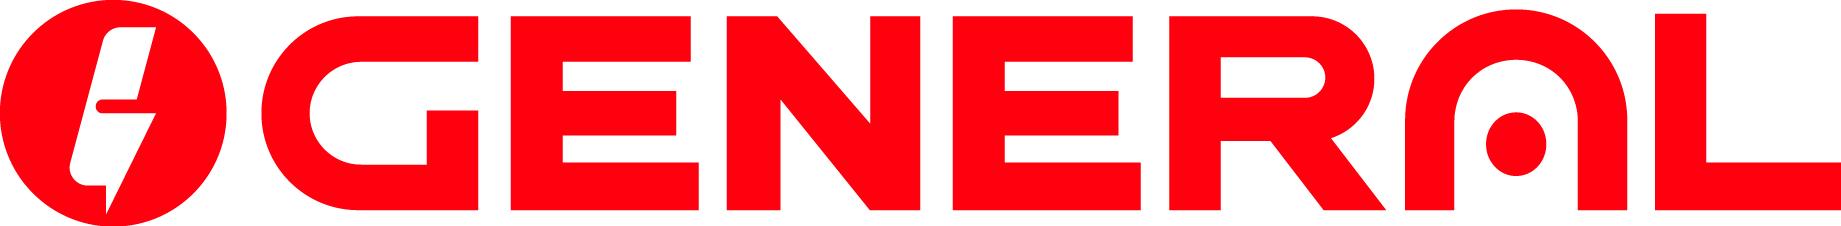 GENERAL logo - Pawetra - Климатическая техника